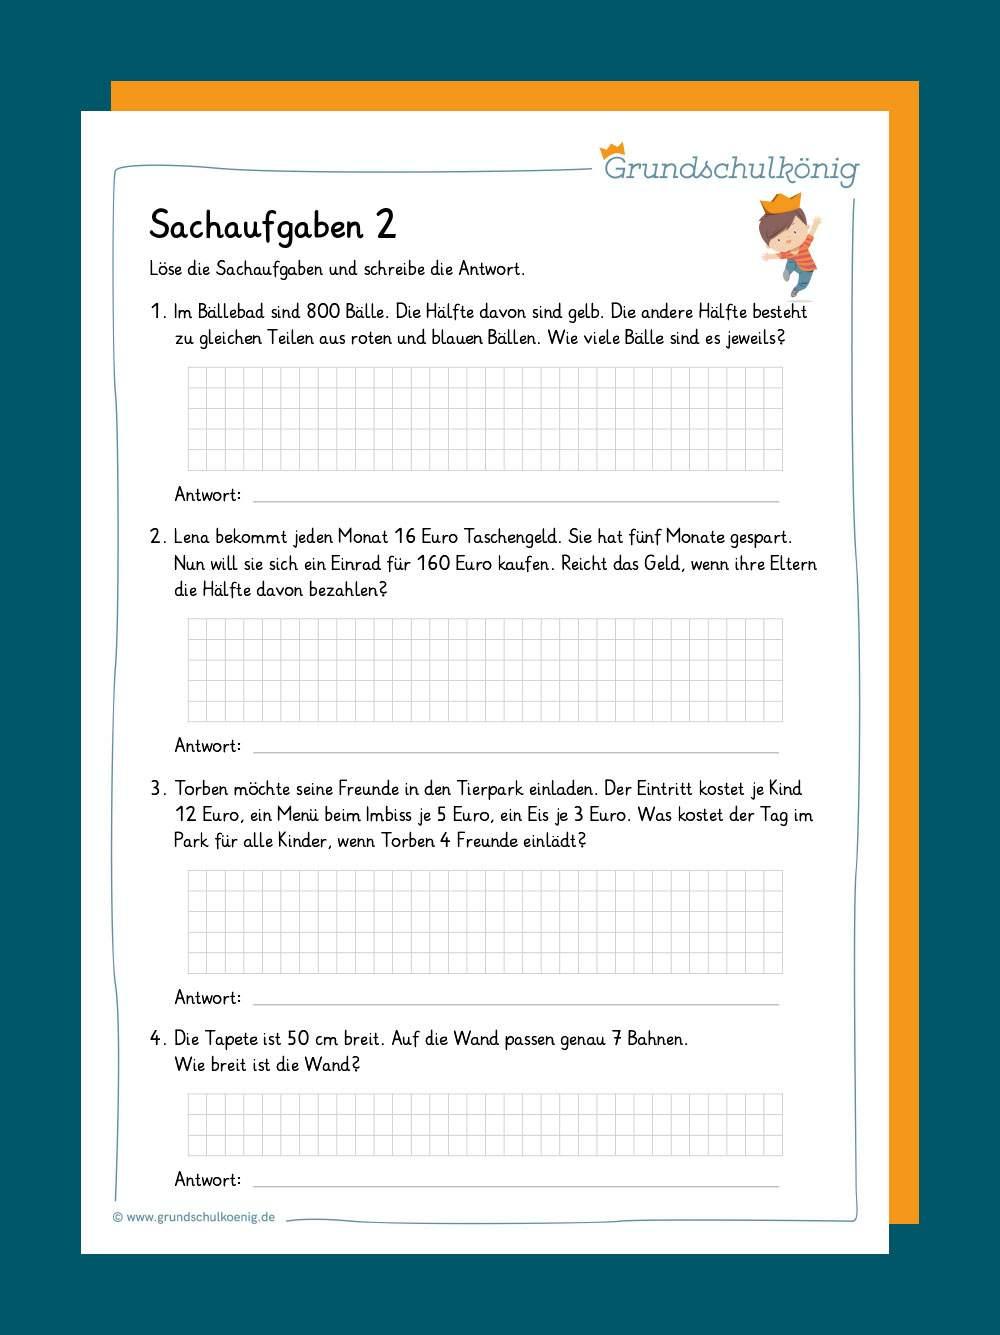 Sachaufgaben Textaufgaben 2